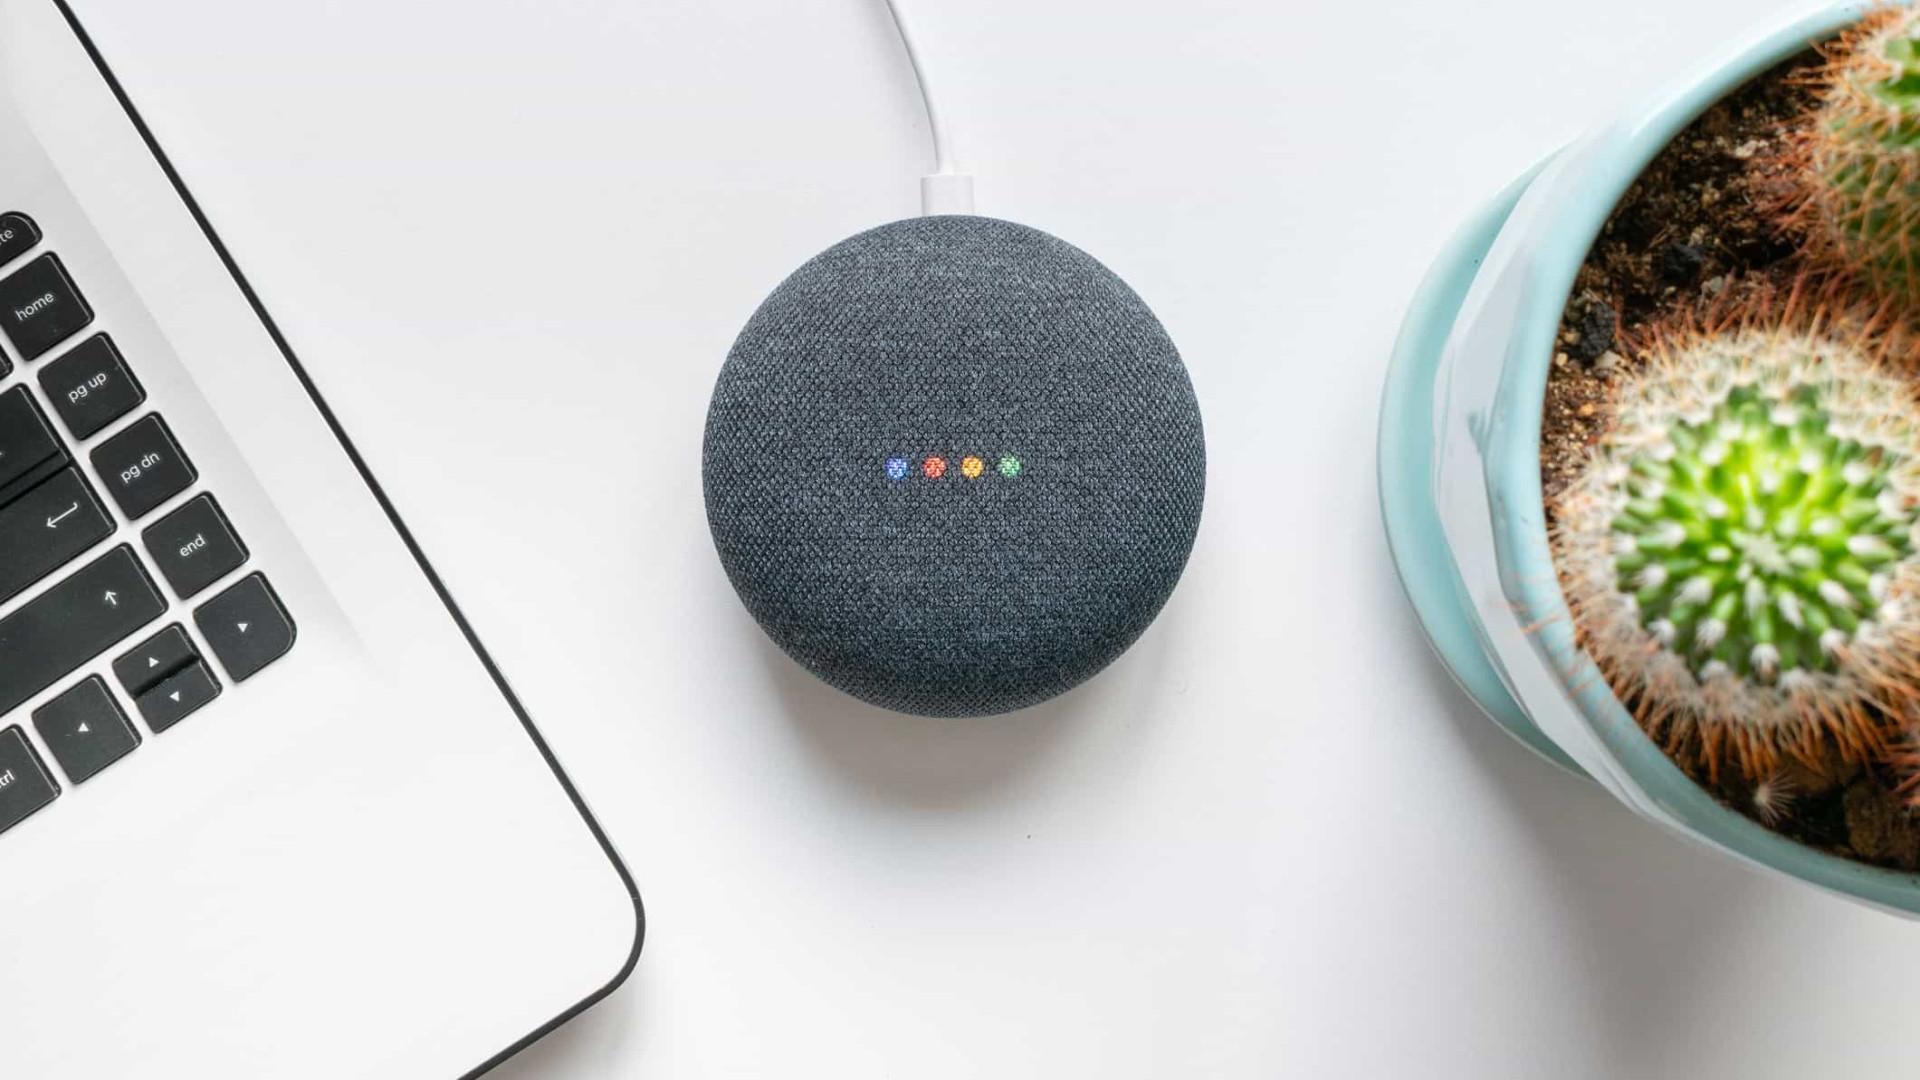 Google admitiu que grava e ouve conversas dos usuários